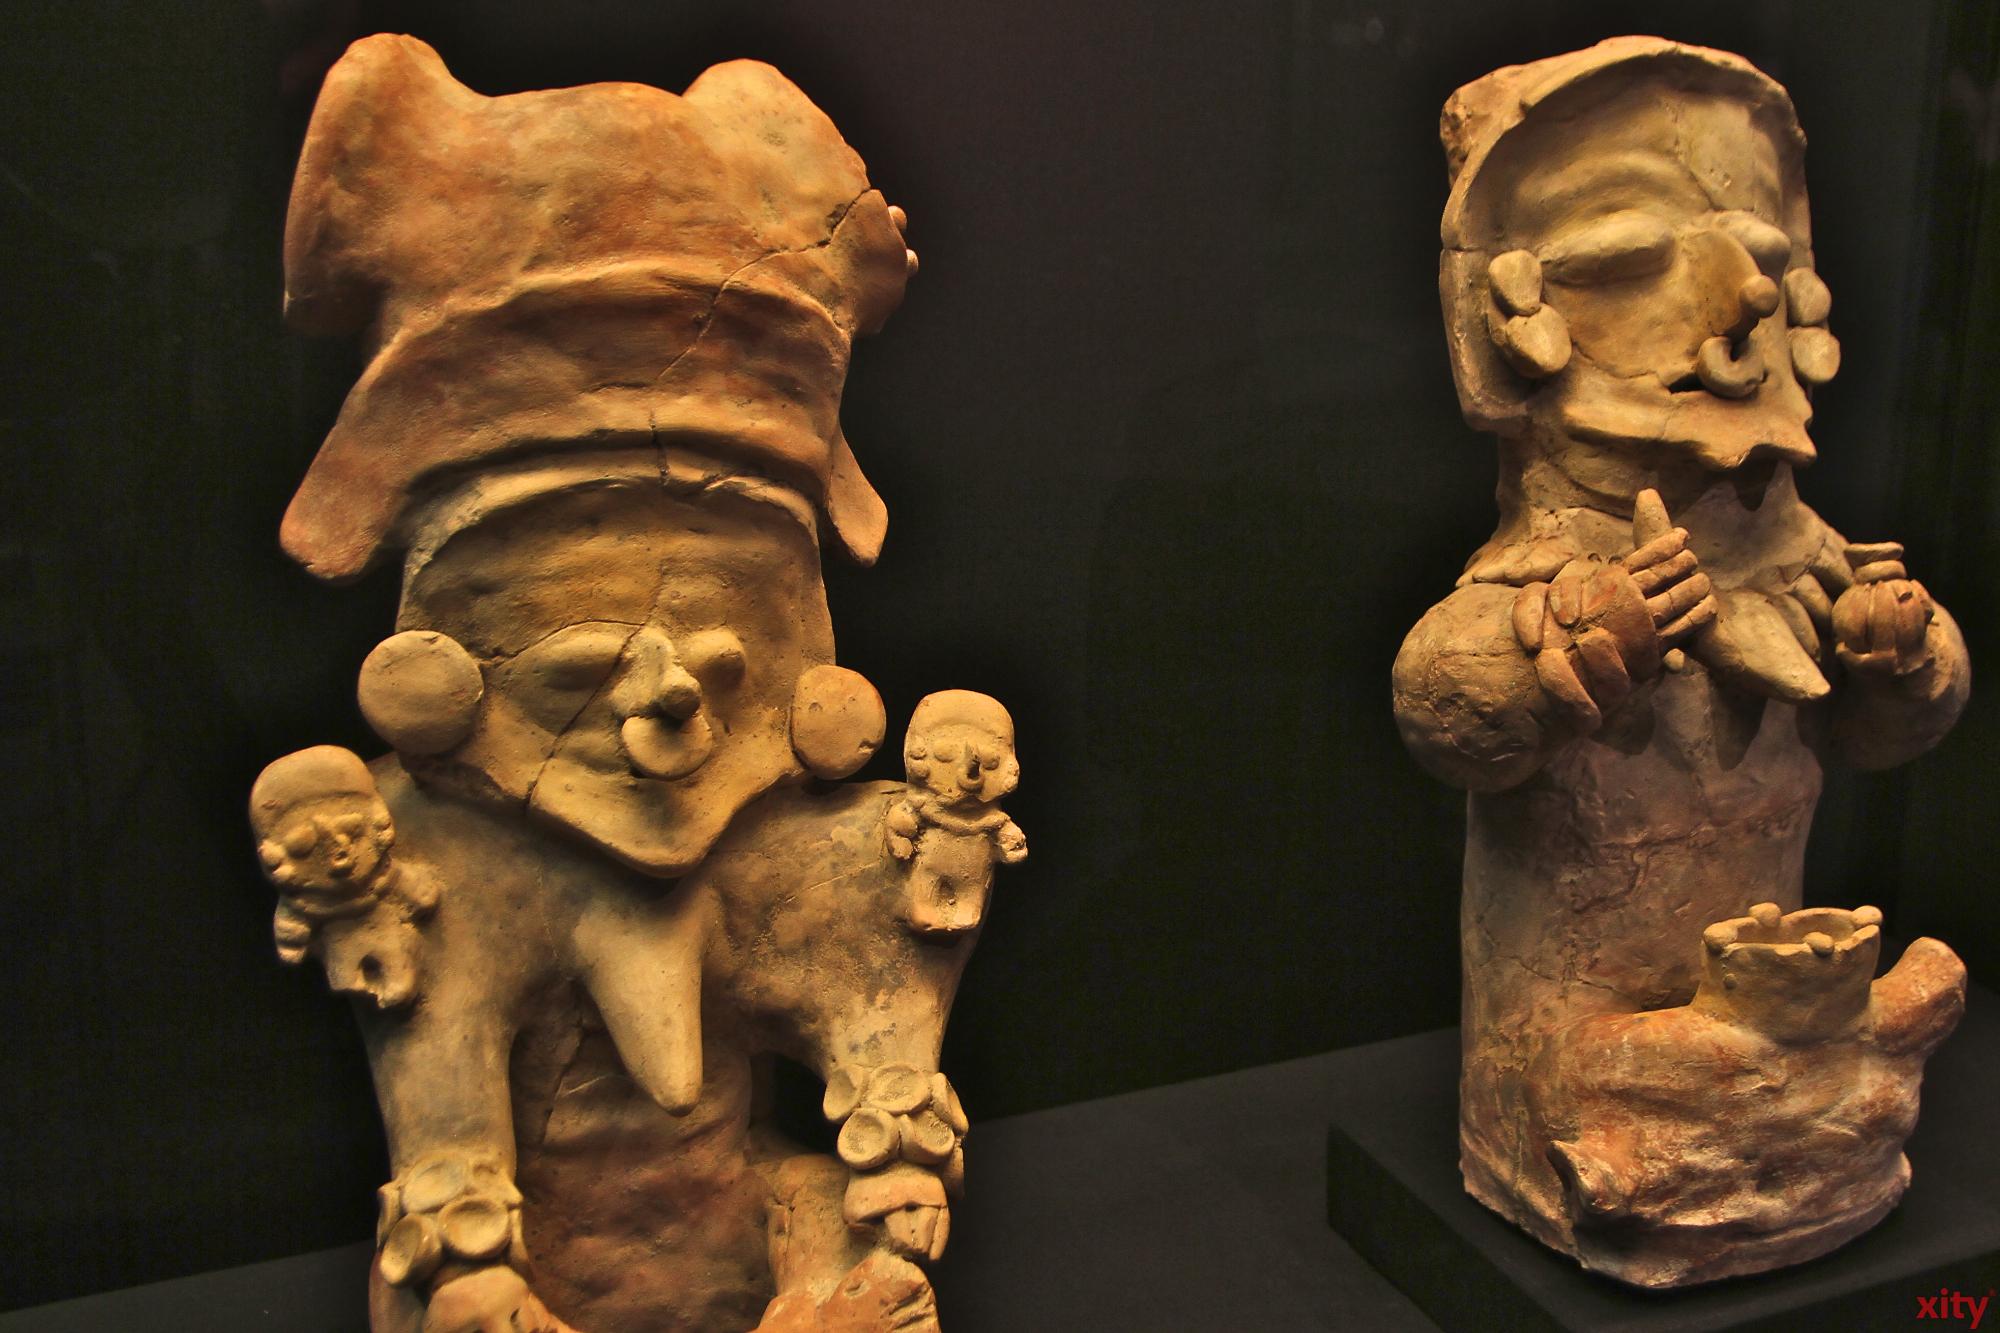 Von Porträts bis Opferschalen sind viele verschiedene Gegenstände in der Ausstellung zu sehen (Foto: xity)